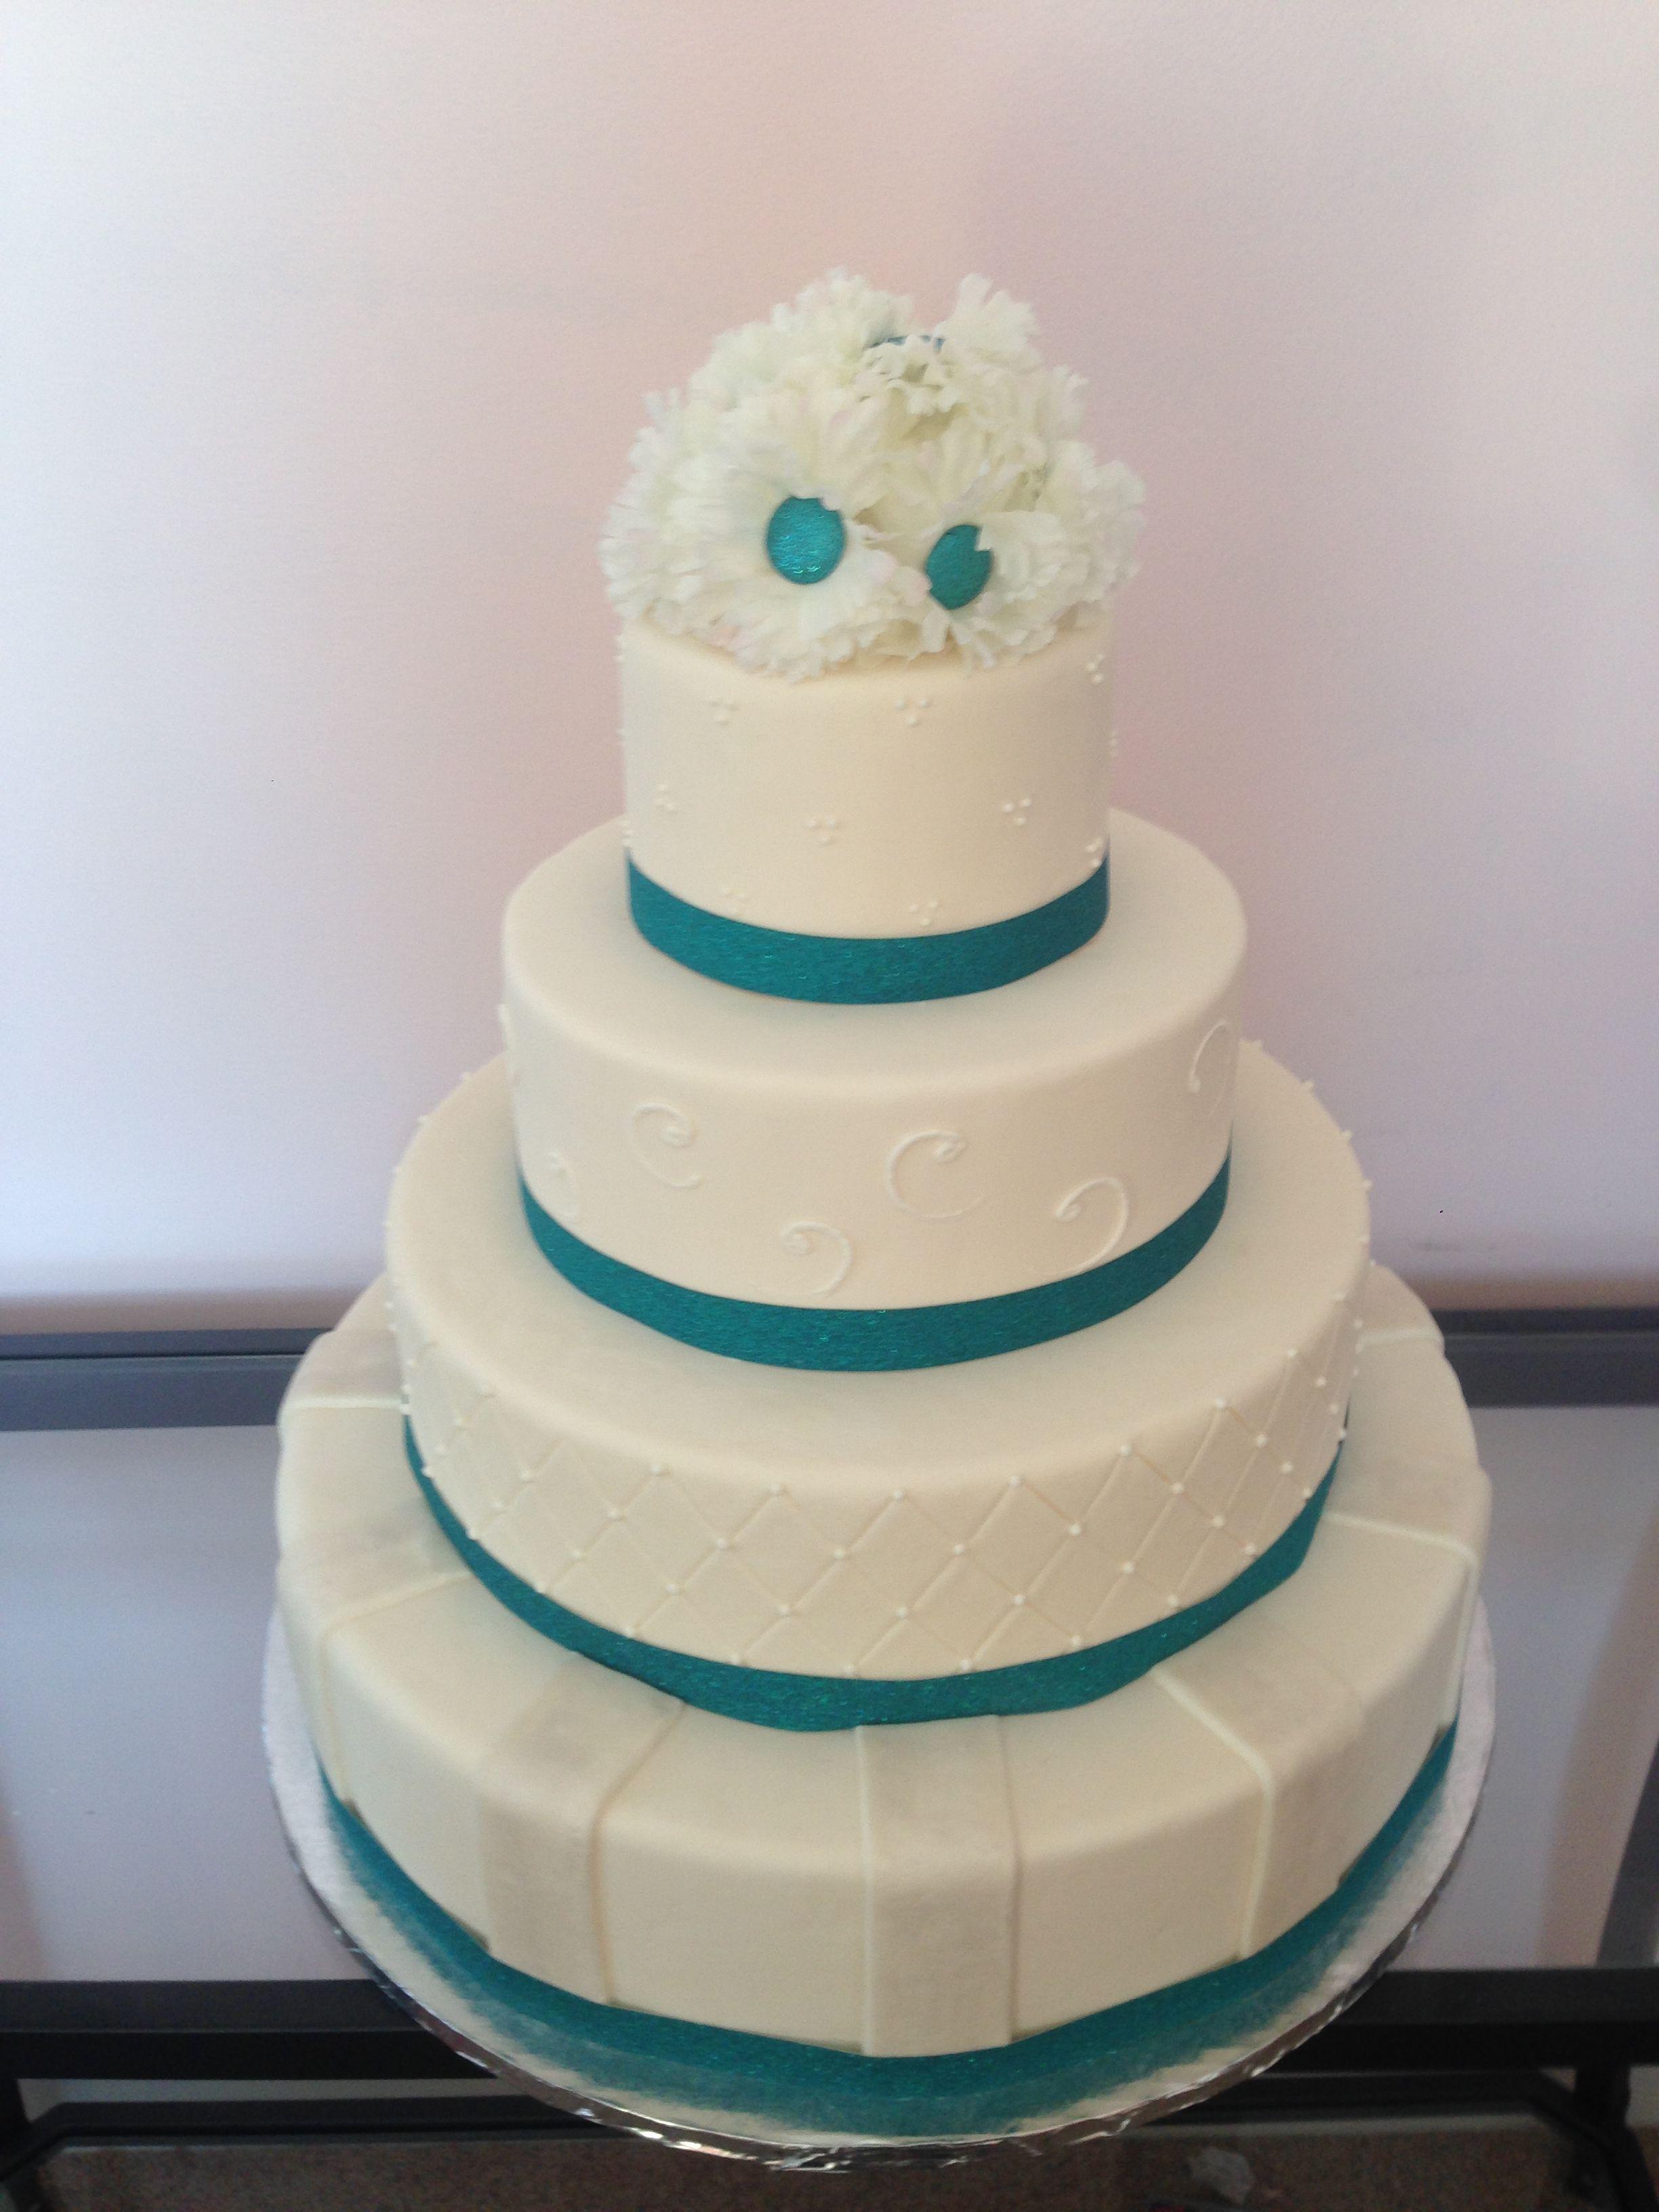 Amazing Fake Weddings Cakes Buffalo Ny La Galleria Banquet Venue